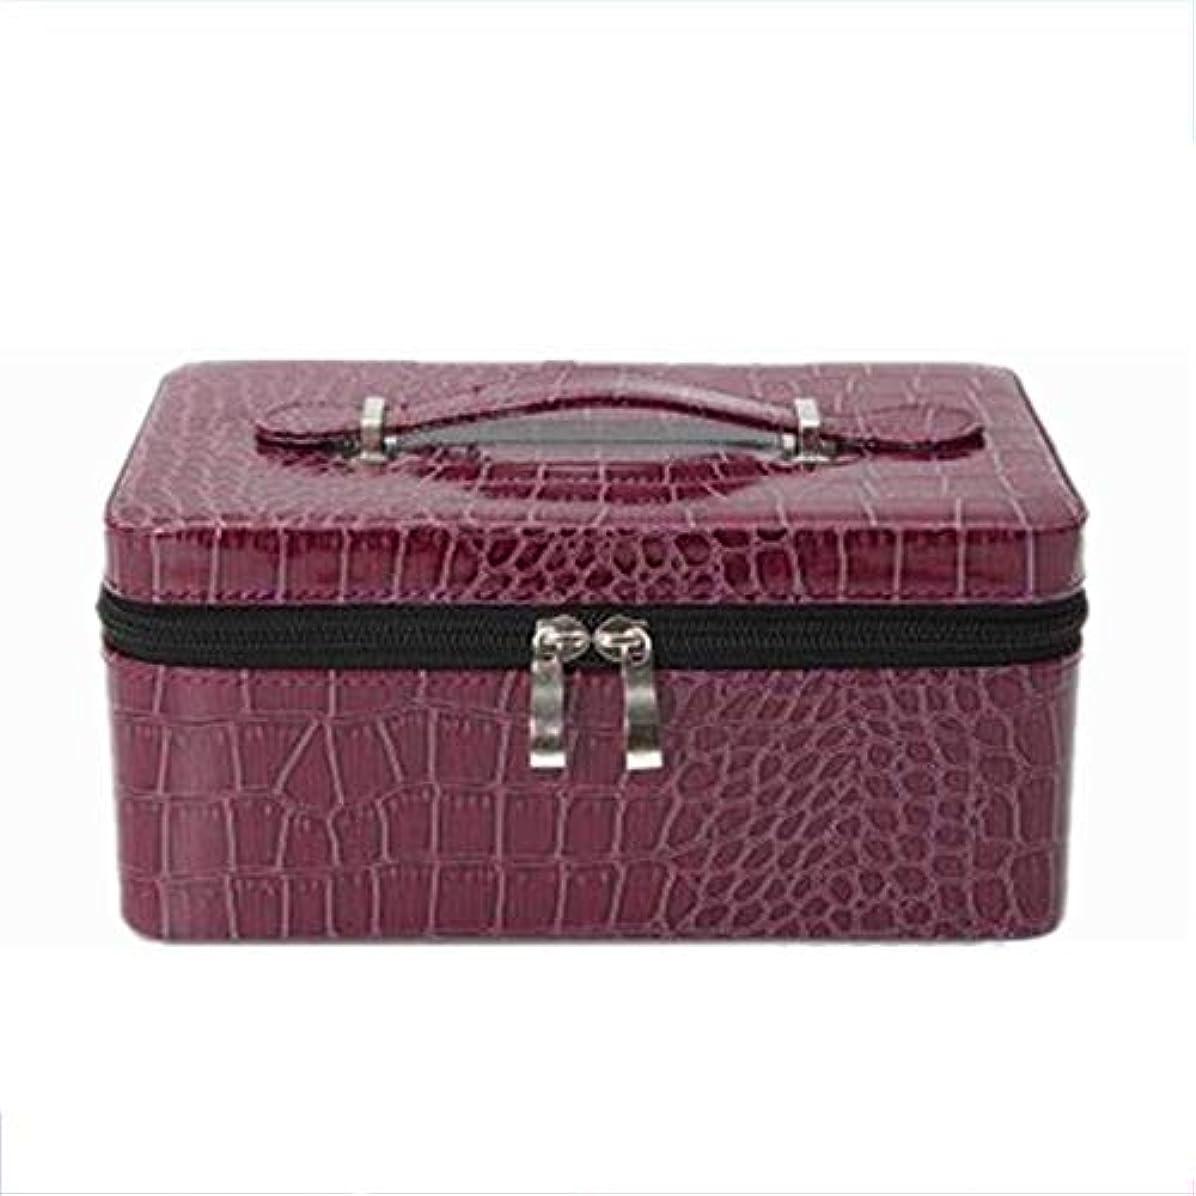 見つける古風な海外でアロマセラピー収納ボックス 旅行主催2-15用PU石油貯蔵スーツケースは完璧な旅行の荷物をまとめmlの エッセンシャルオイル収納ボックス (色 : 紫の, サイズ : 22.5X14.8X10.3CM)